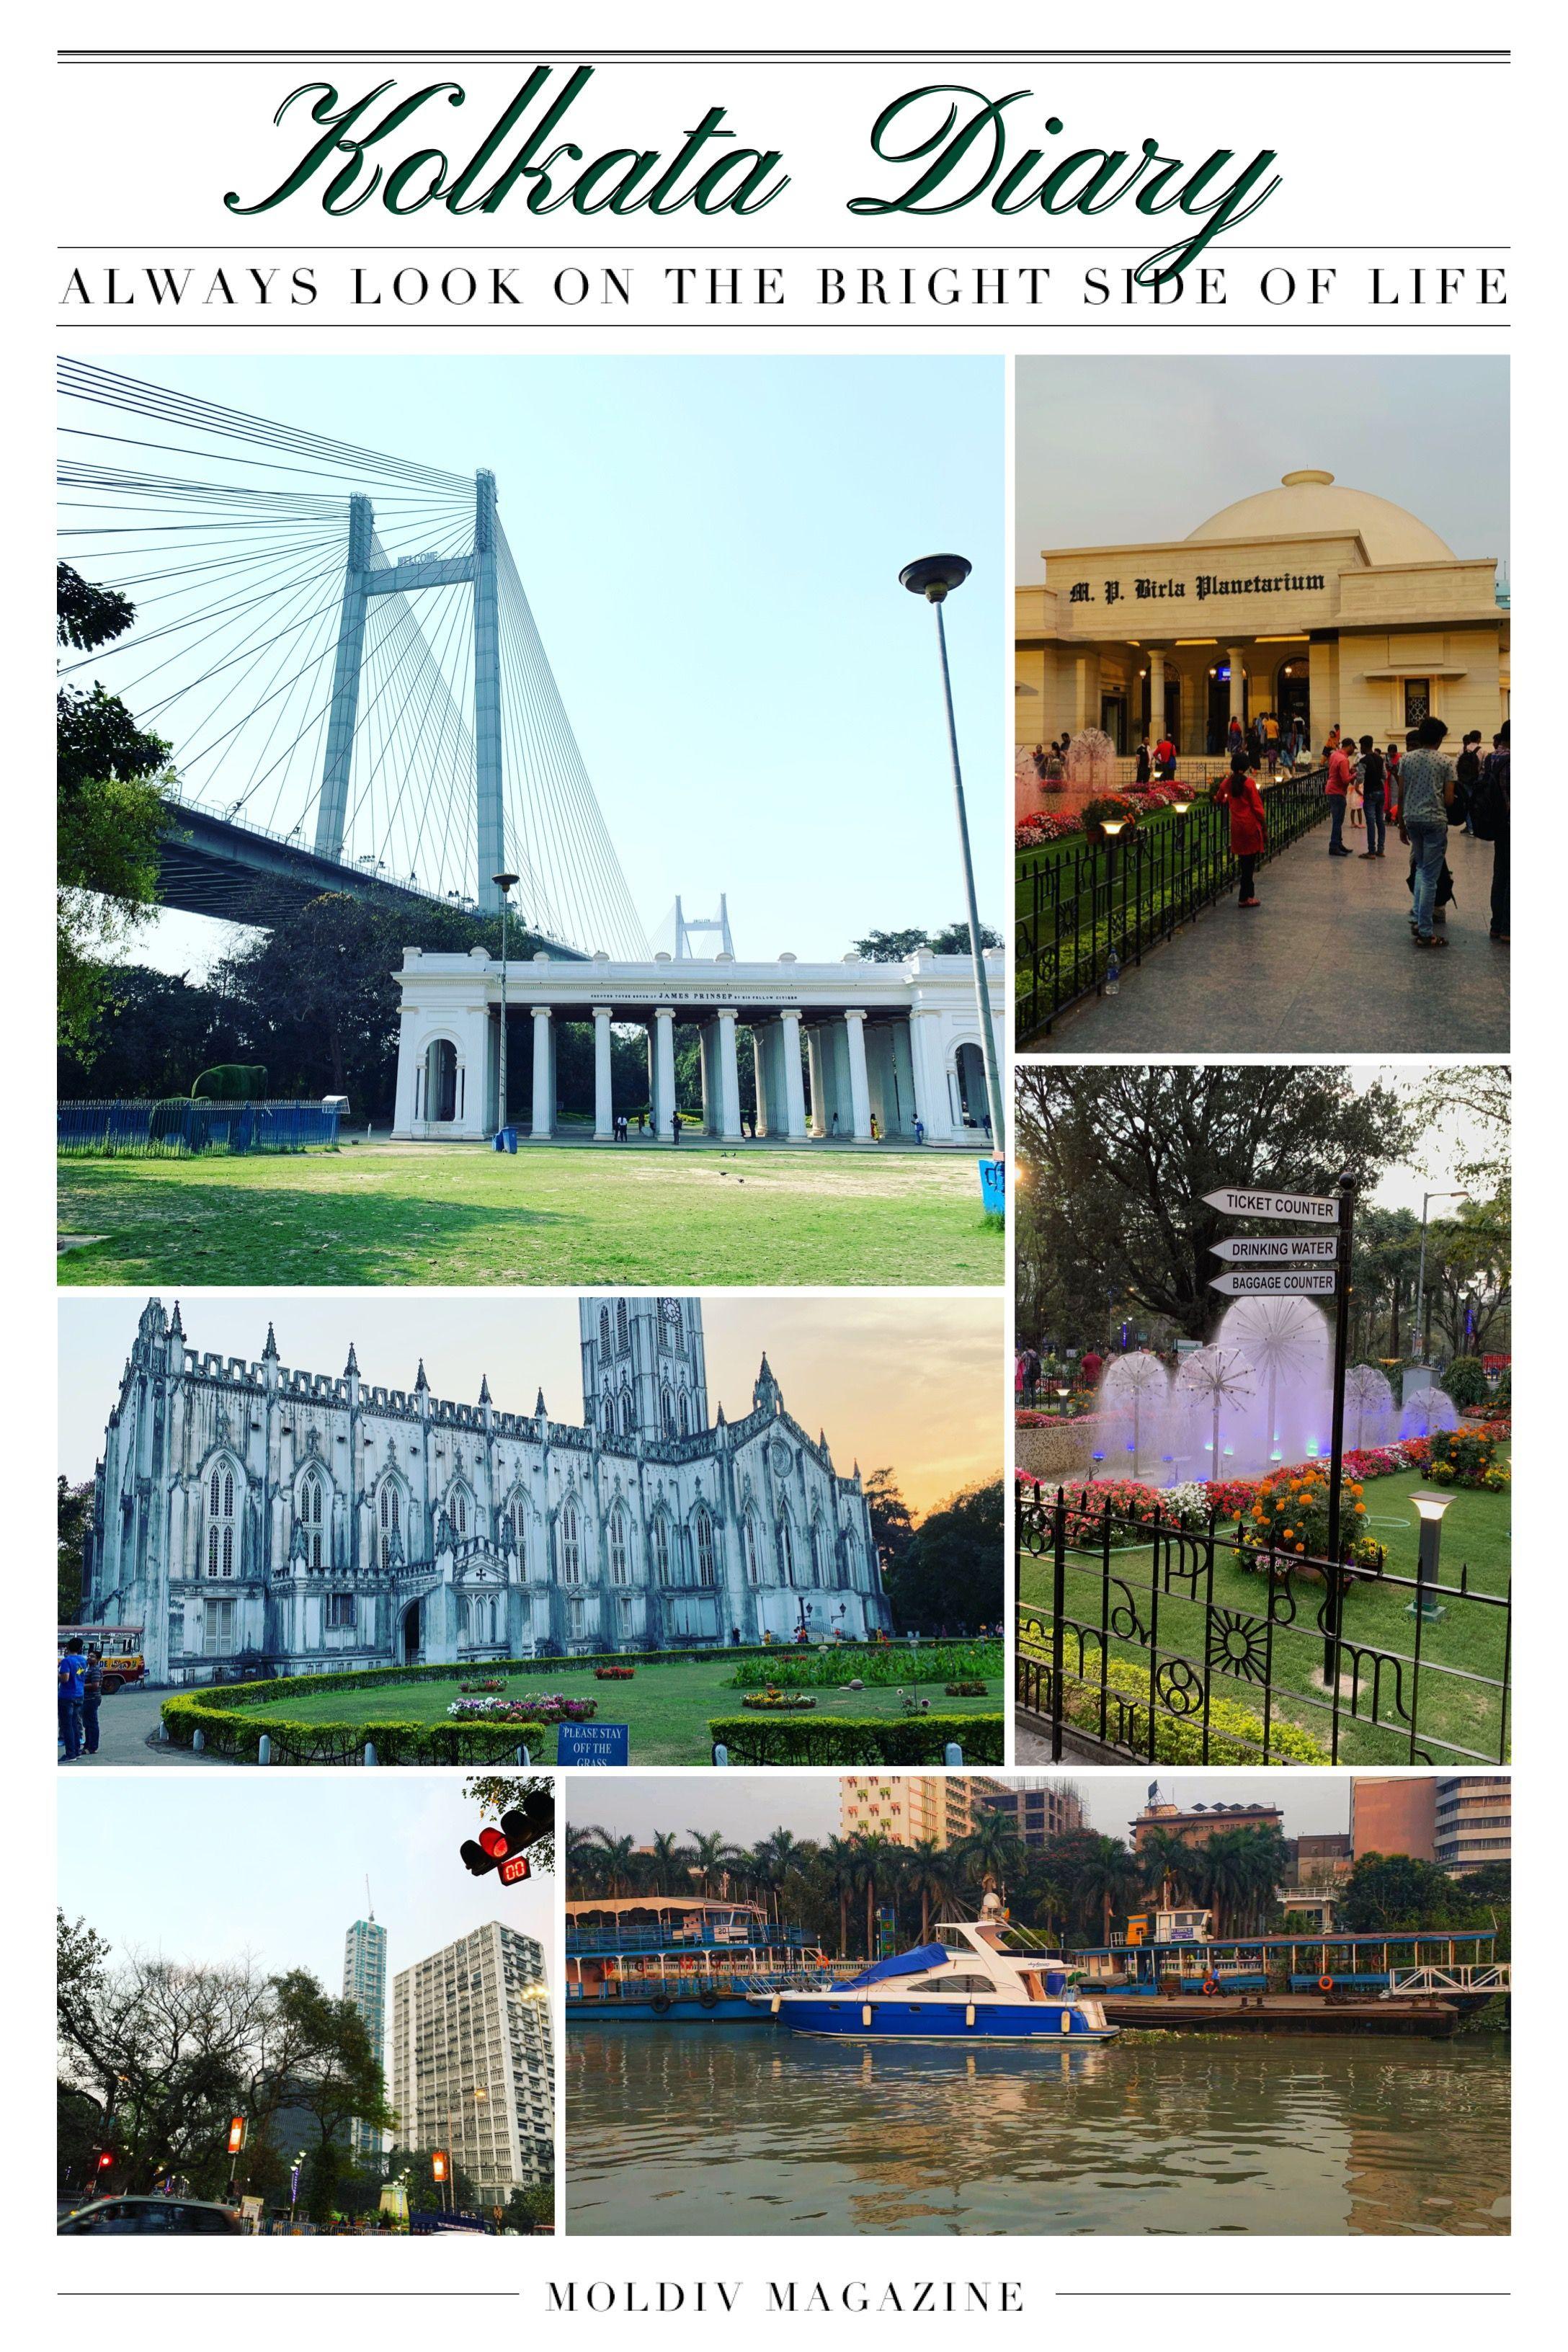 Kolkata tour Places   Tour places in Kolkata   Marina bay sands